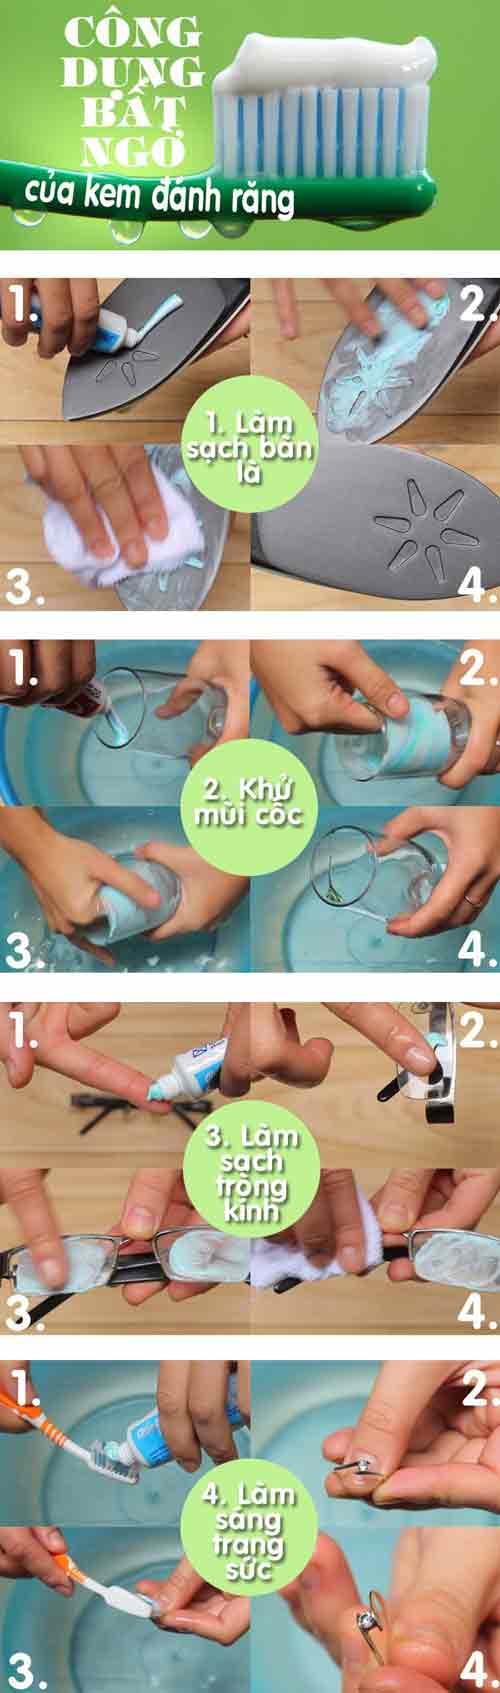 Mách bạn công dụng bất ngờ của kem đánh răng - 1